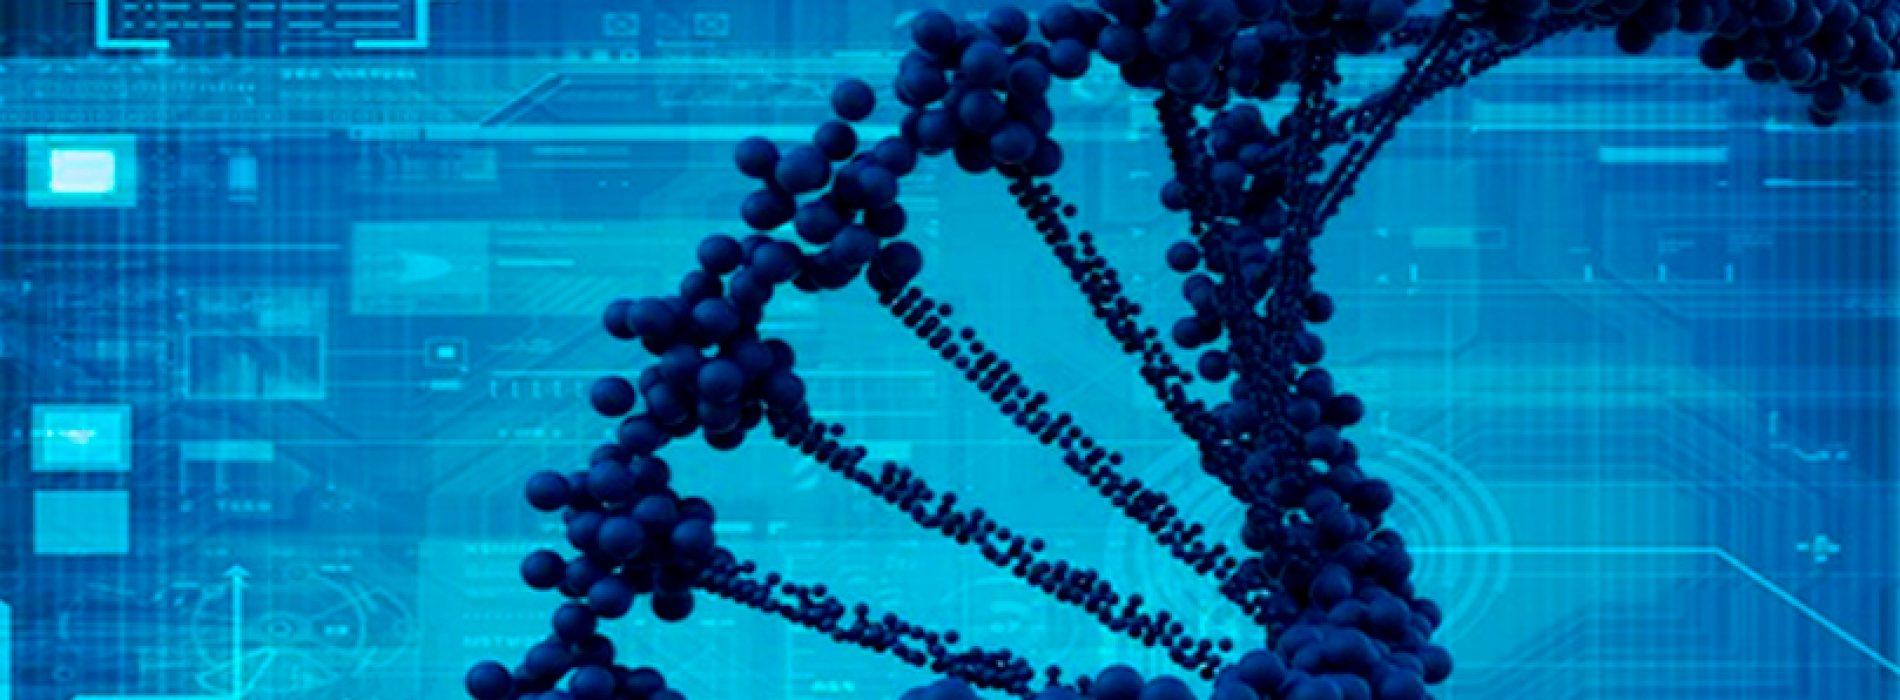 6th Version bioinformatics course: intensive in R/Bioconducor and Cytoscape